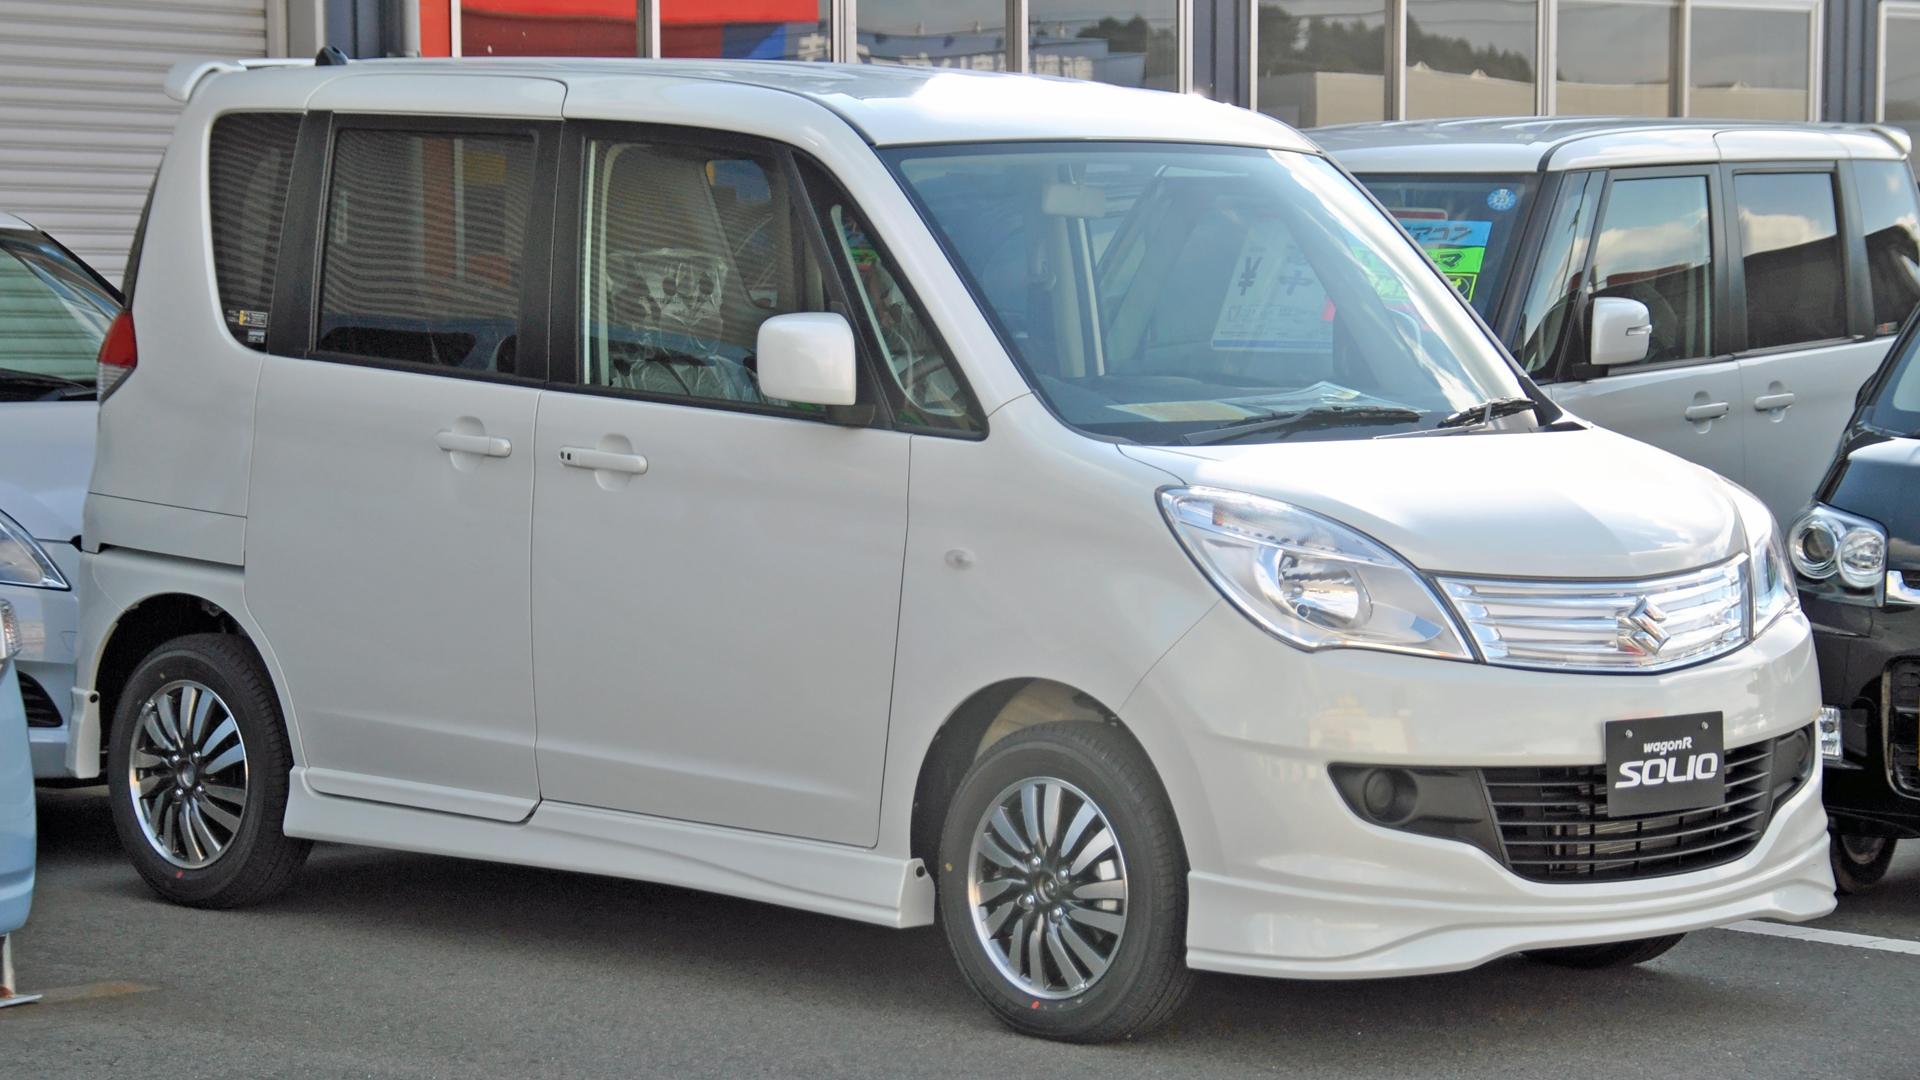 Suzuki Solio II Restyling 2013 - 2015 Microvan #5